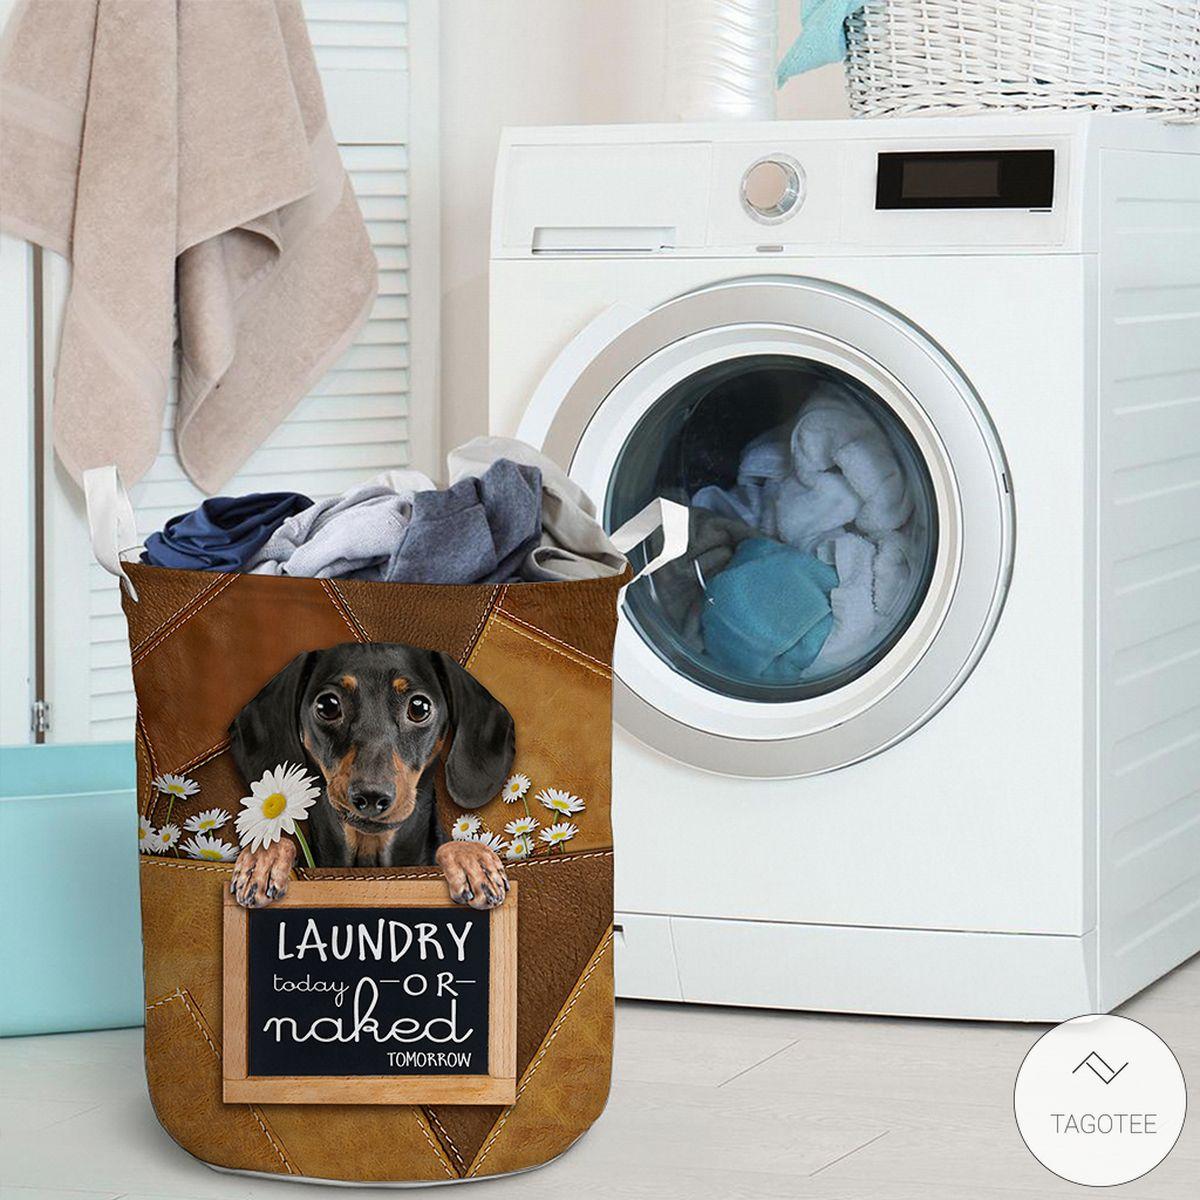 Dachshund Laundry Today Or Naked Tomorrow Laundry Basketz